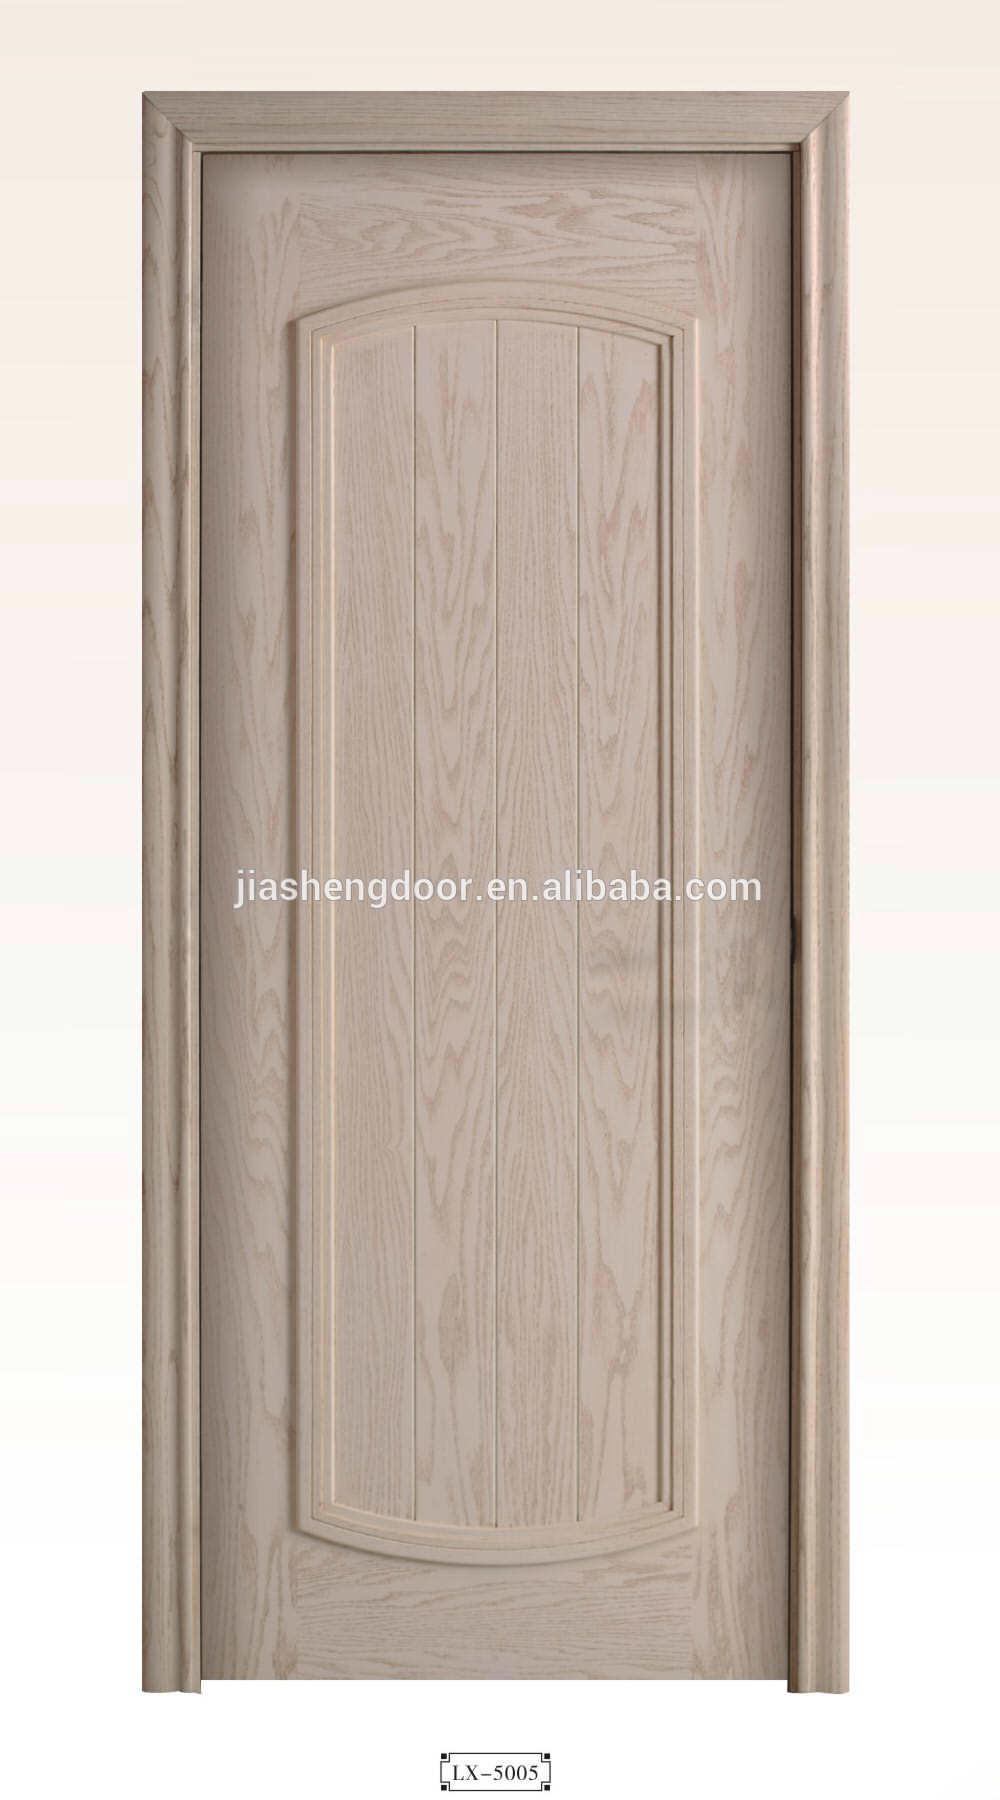 Single Wooden Doors Designs Images